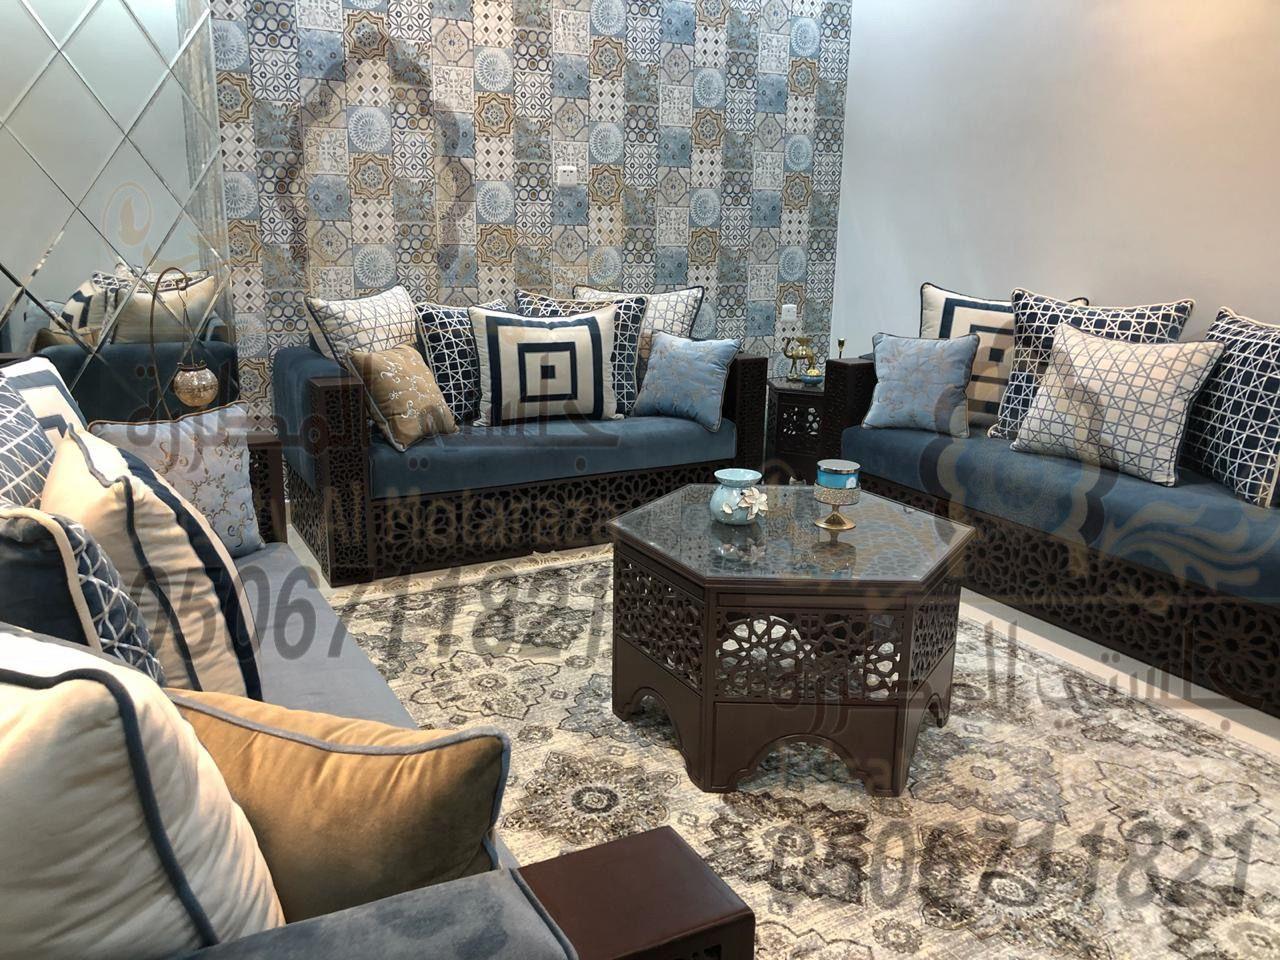 كنب مغربي فاخر من تصميم وتنفيذ جلستي المطرزة جوال 0506711821 Bathroom Decor Home Decor Home